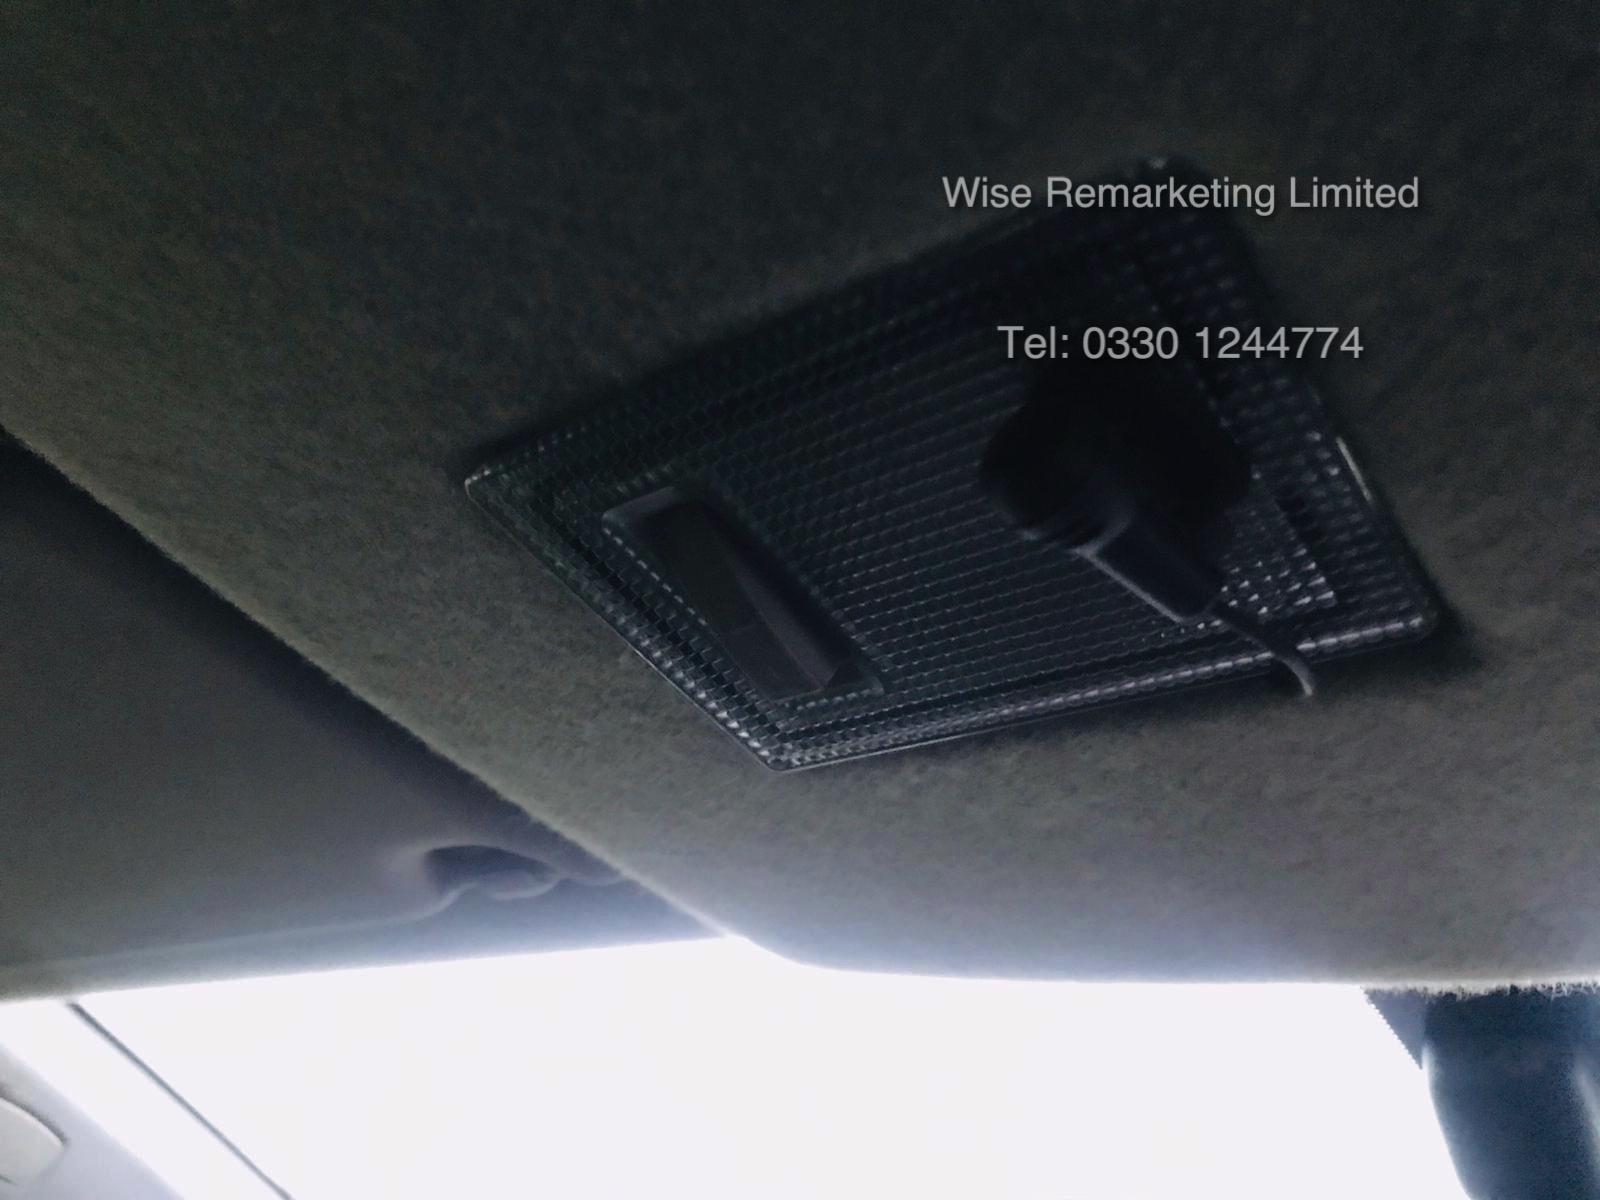 Vauxhall Astra Van 1.3 CDTi - 2011 Model - 5 Seater Crew Van - SAVE 20% NO VAT - Image 12 of 15